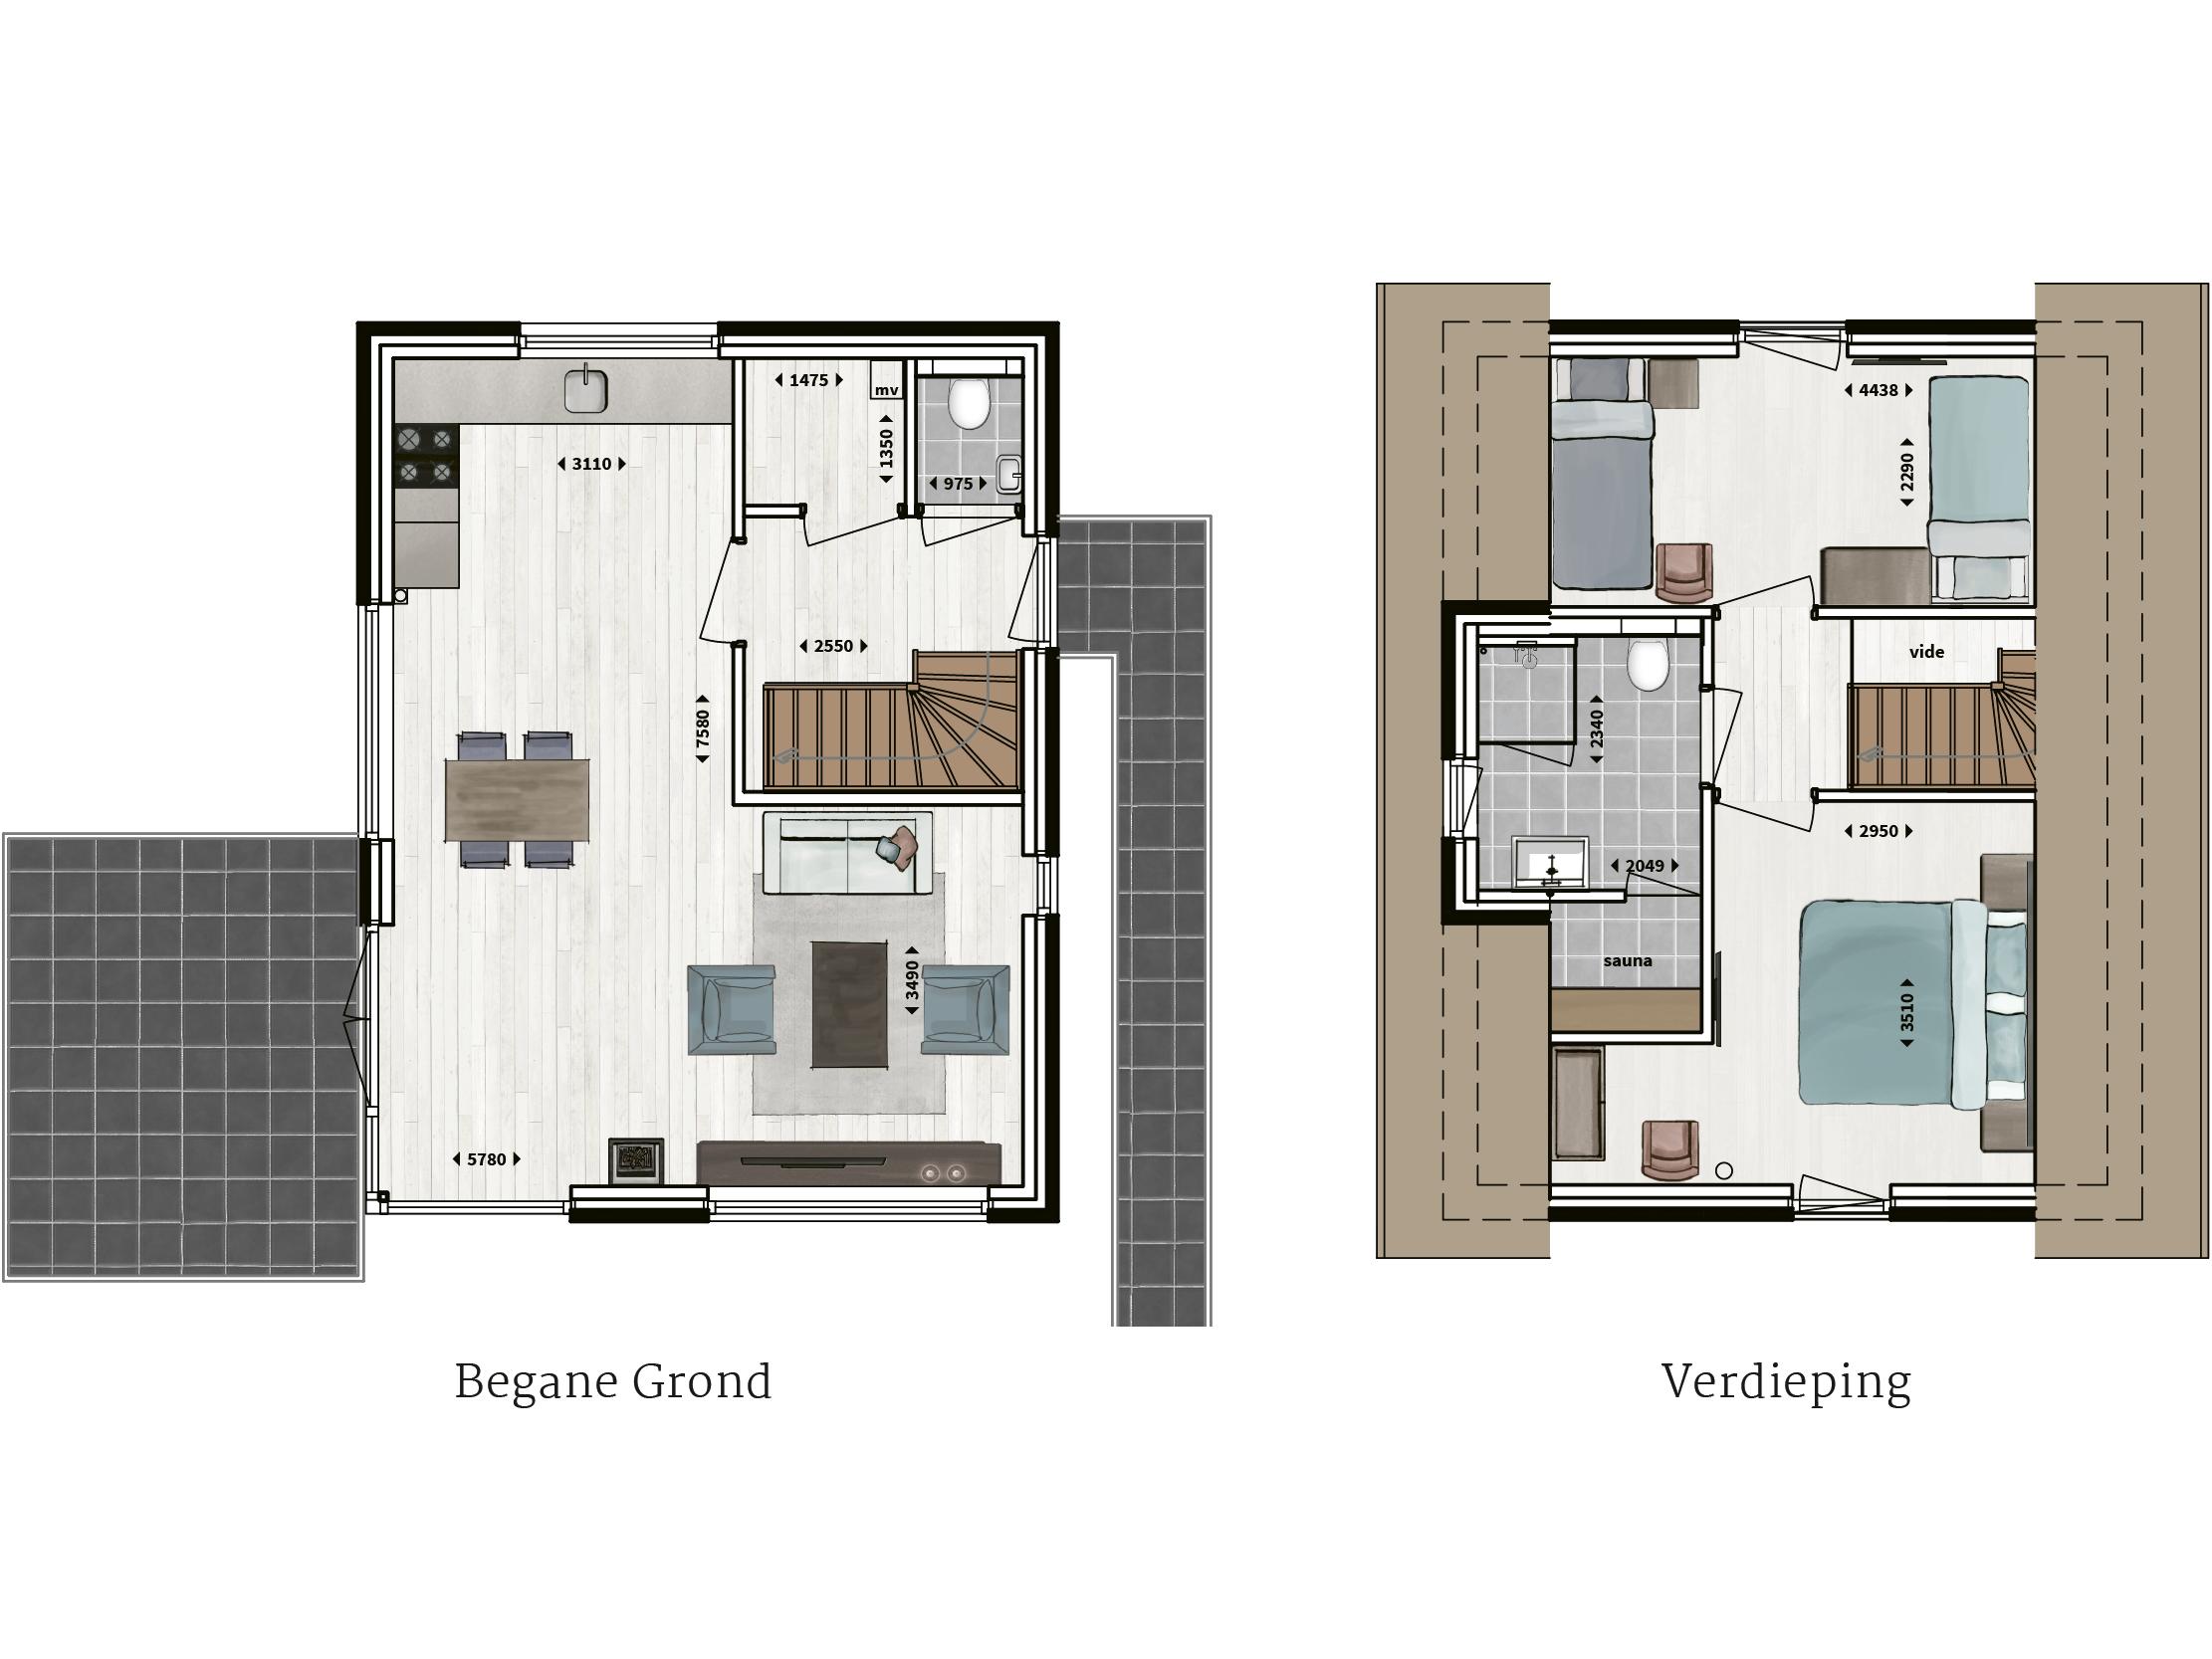 Kenmerken - - Rietgedekt- Gevel van metselwerk- Twee ruime slaapkamers- Badkamer met inloopdouche en sunshower- Sauna- Compleet ingerichte keuken- Houtkachel- Glazen hoekpui- Buitenberging